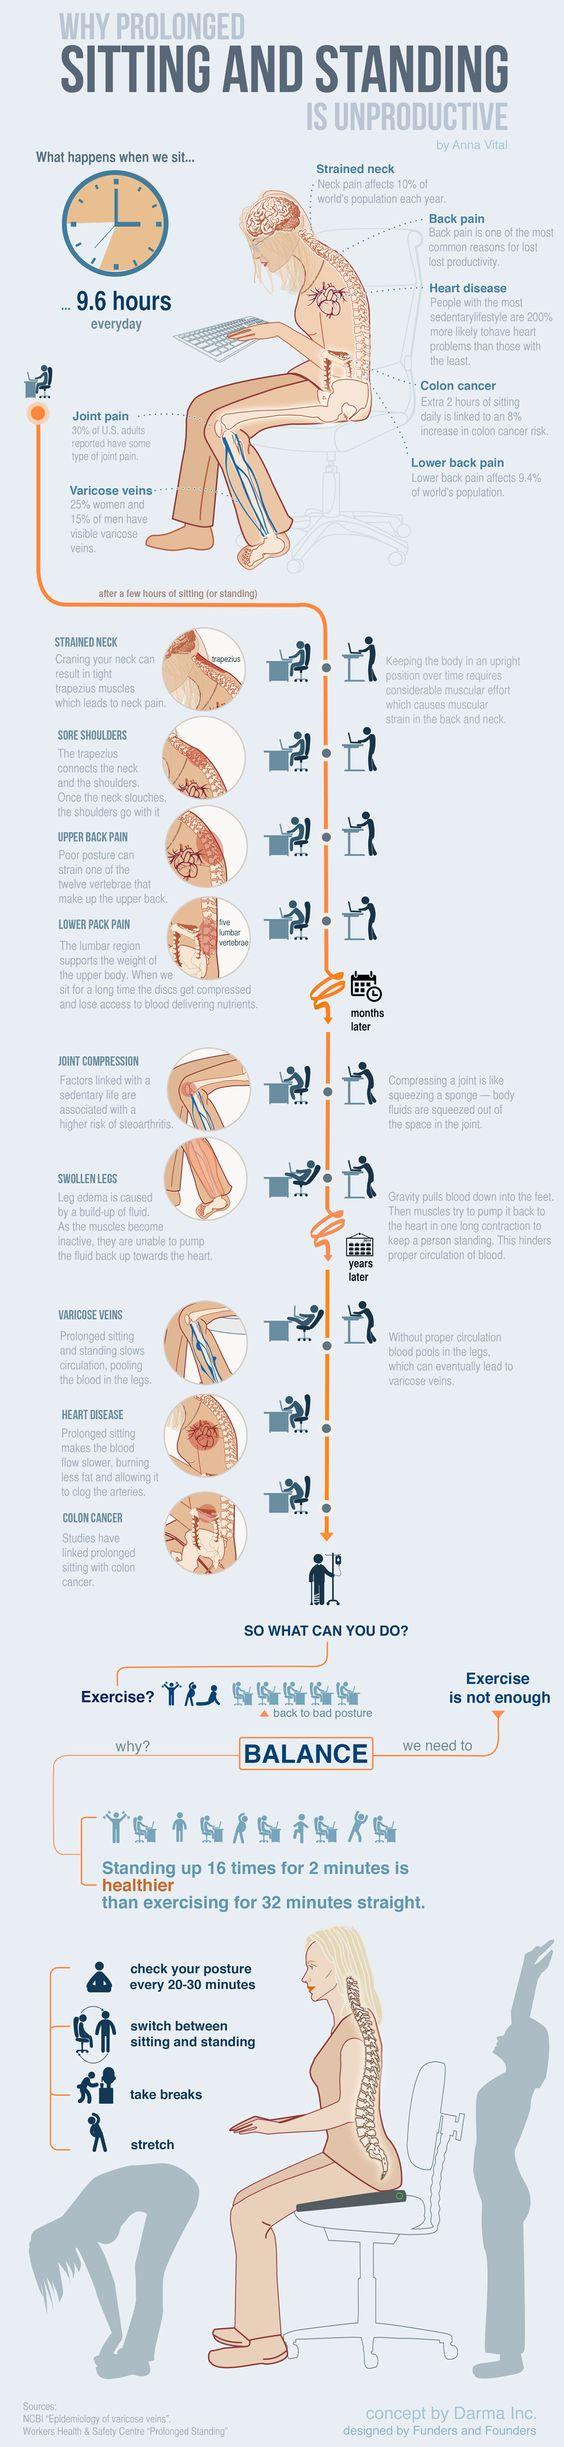 Waarom lang zitten onproductief is [Infographic]   Baaz.nl